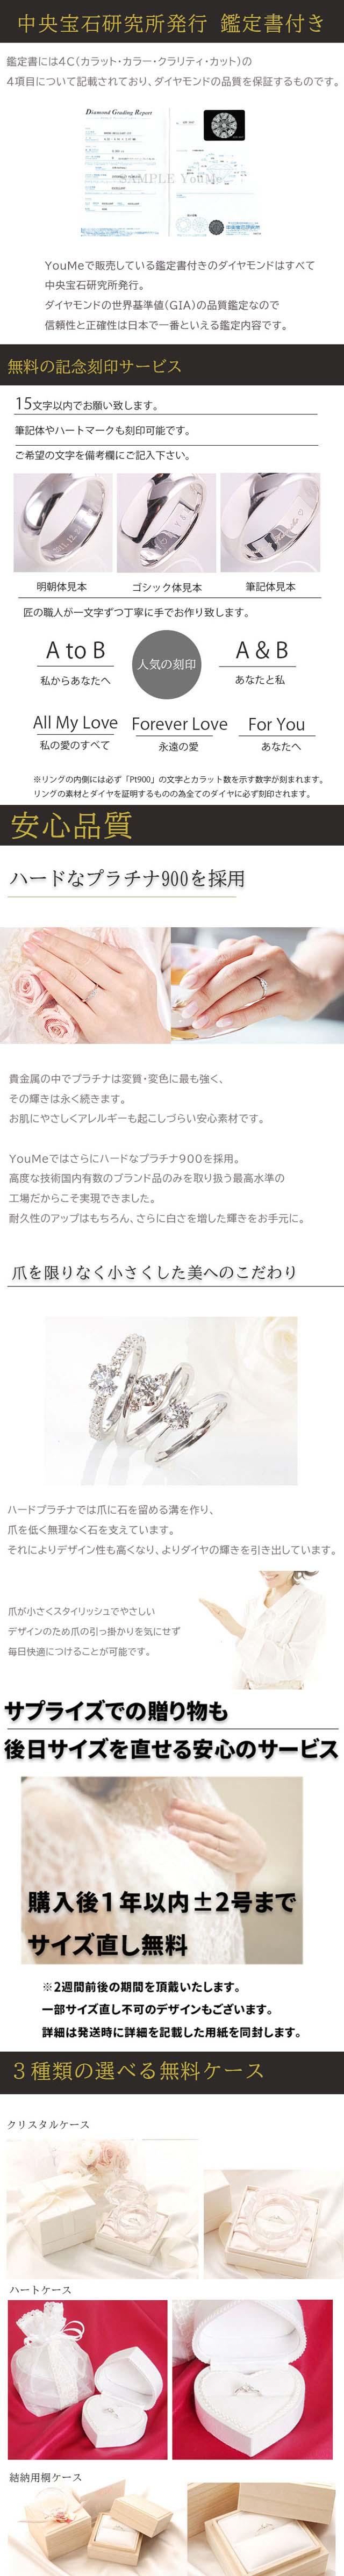 婚約指輪 ダイヤ 婚約指輪 ダイヤ リング 婚約指輪 人気 エンゲージリング 人気 指輪 婚約指輪 人気 プロポーズ リング